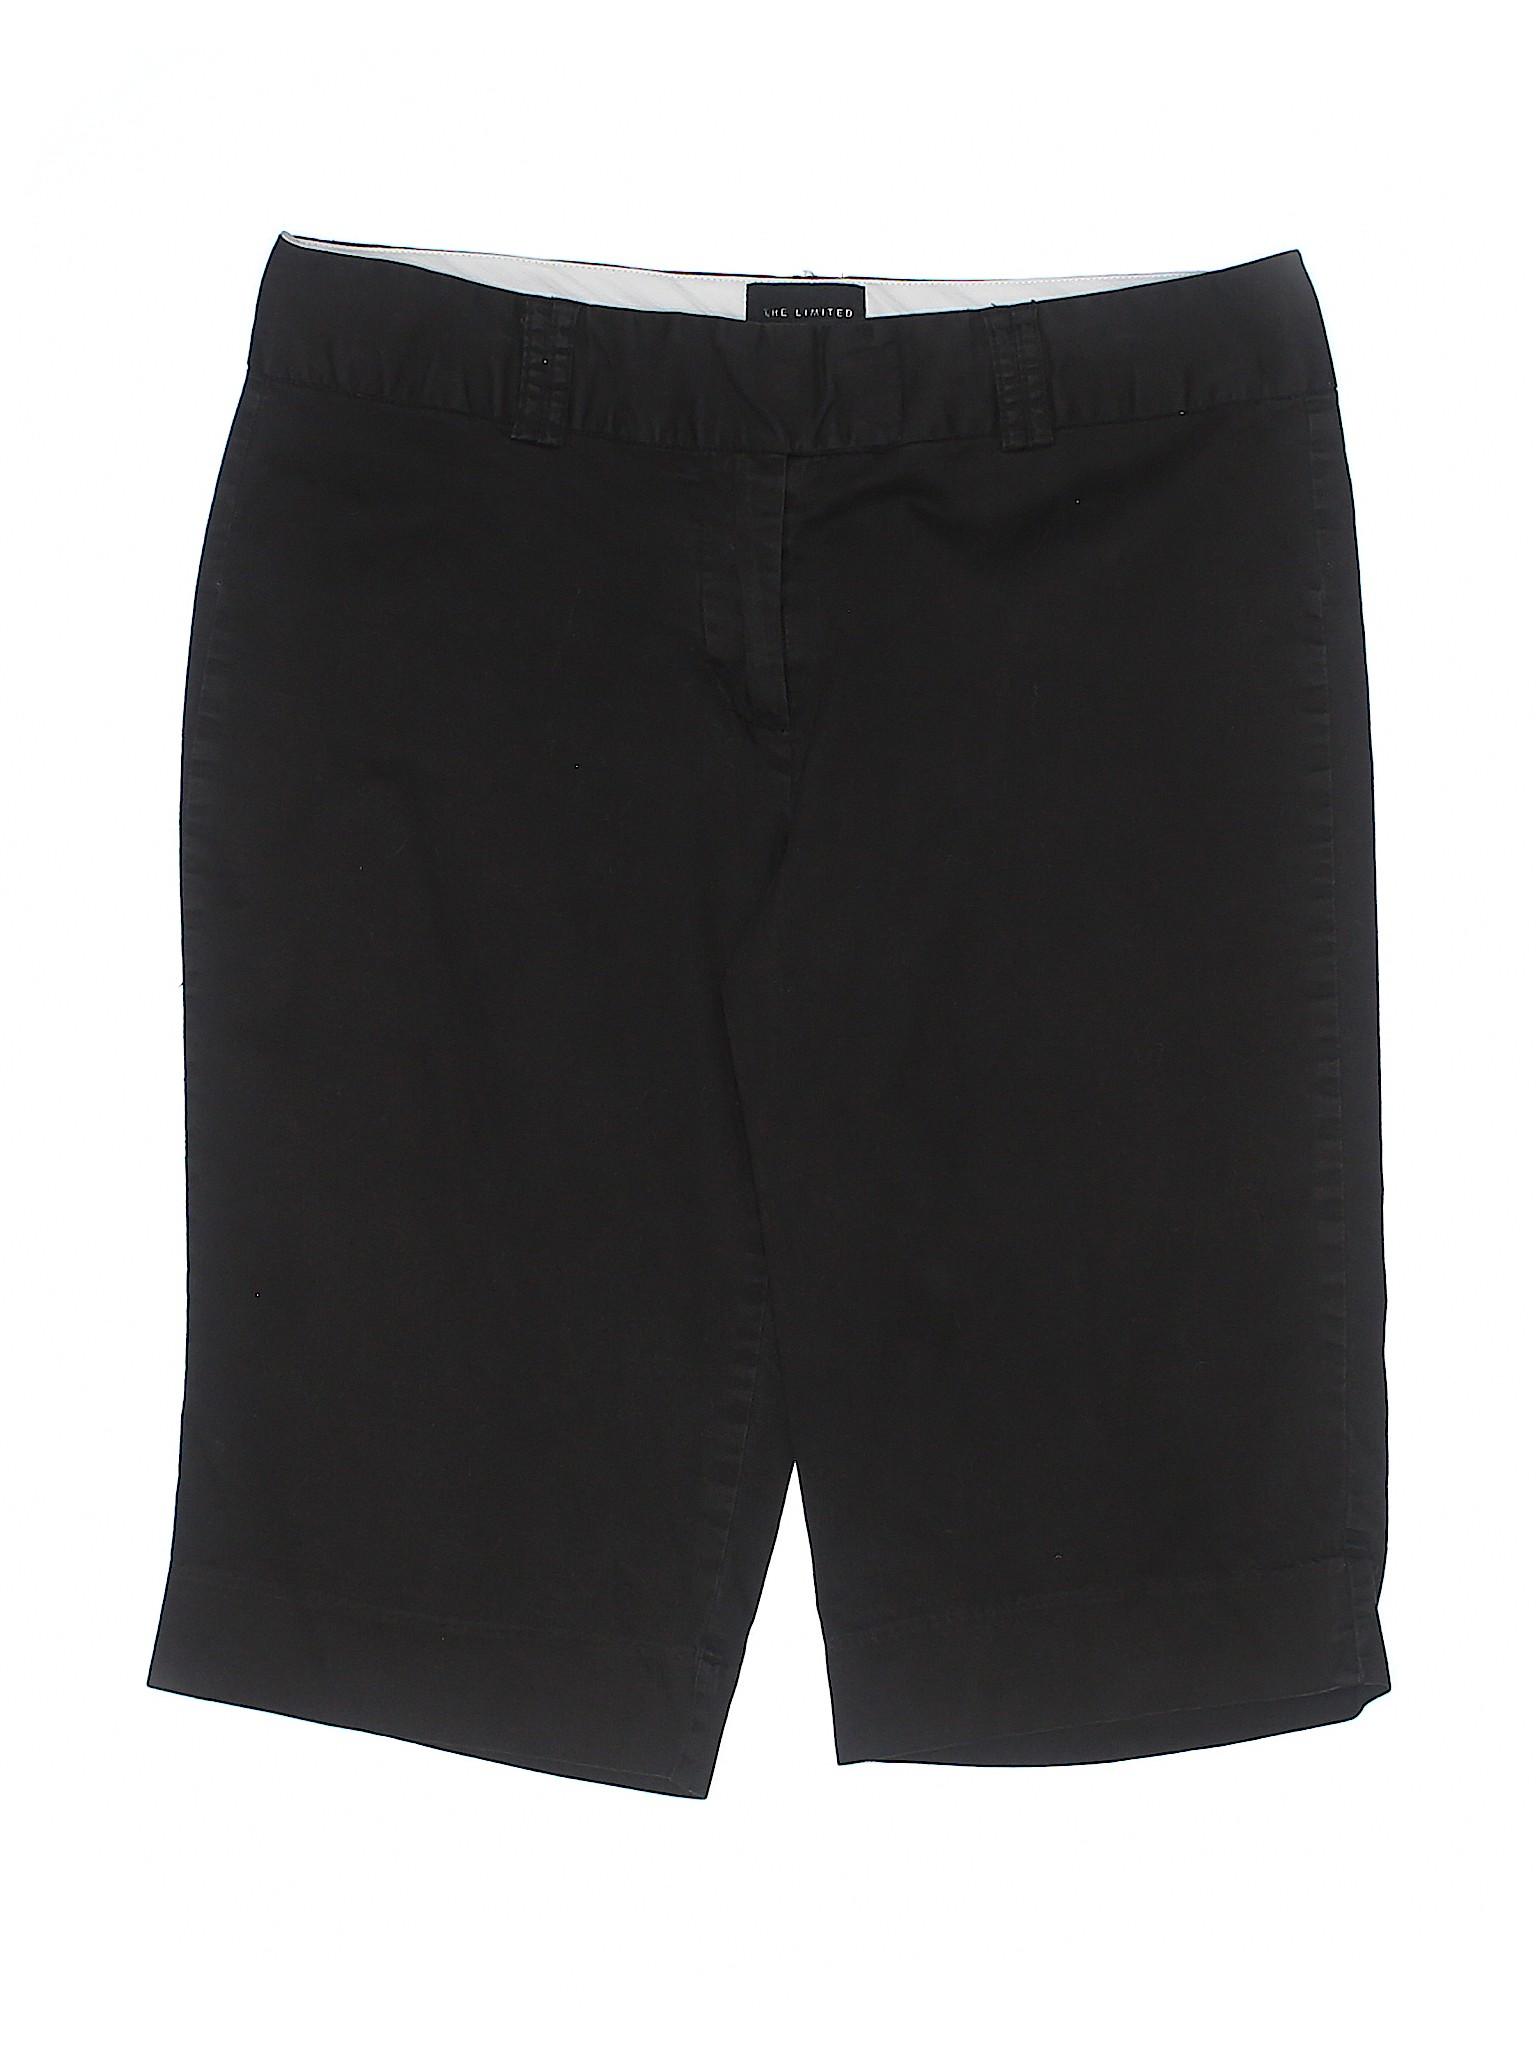 Shorts leisure Limited Khaki The Boutique dIPnxwzRIq